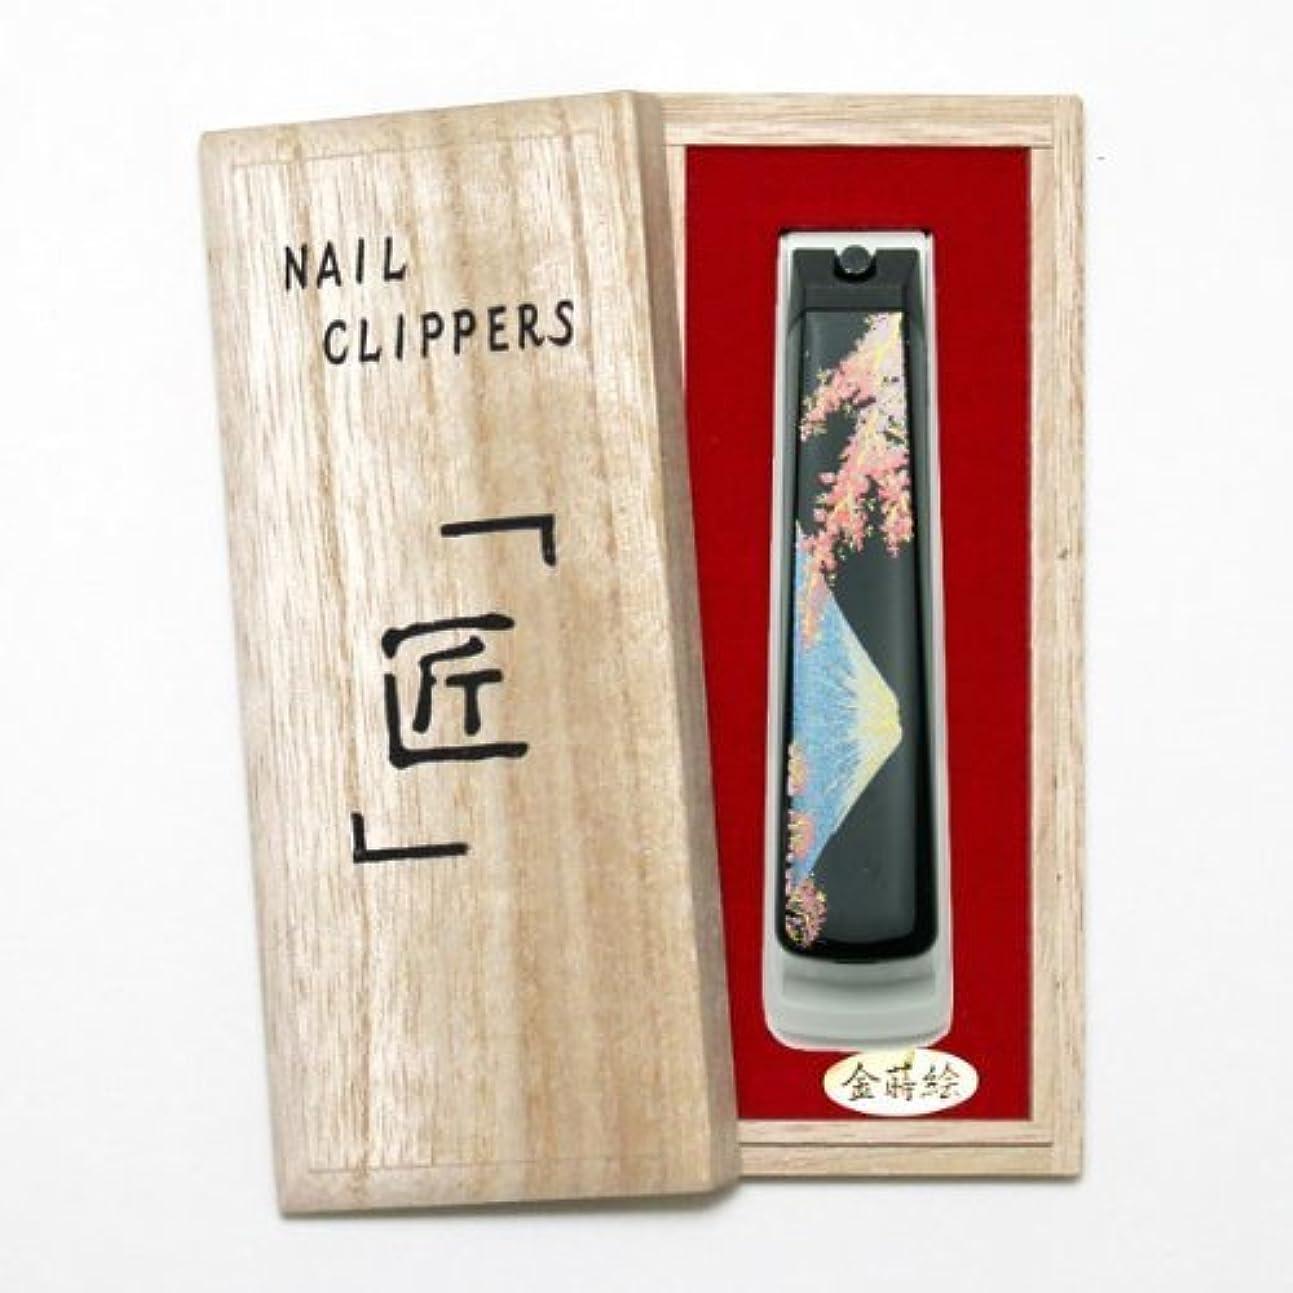 古代散る広く橋本漆芸 蒔絵爪切り 富士に桜 桐箱